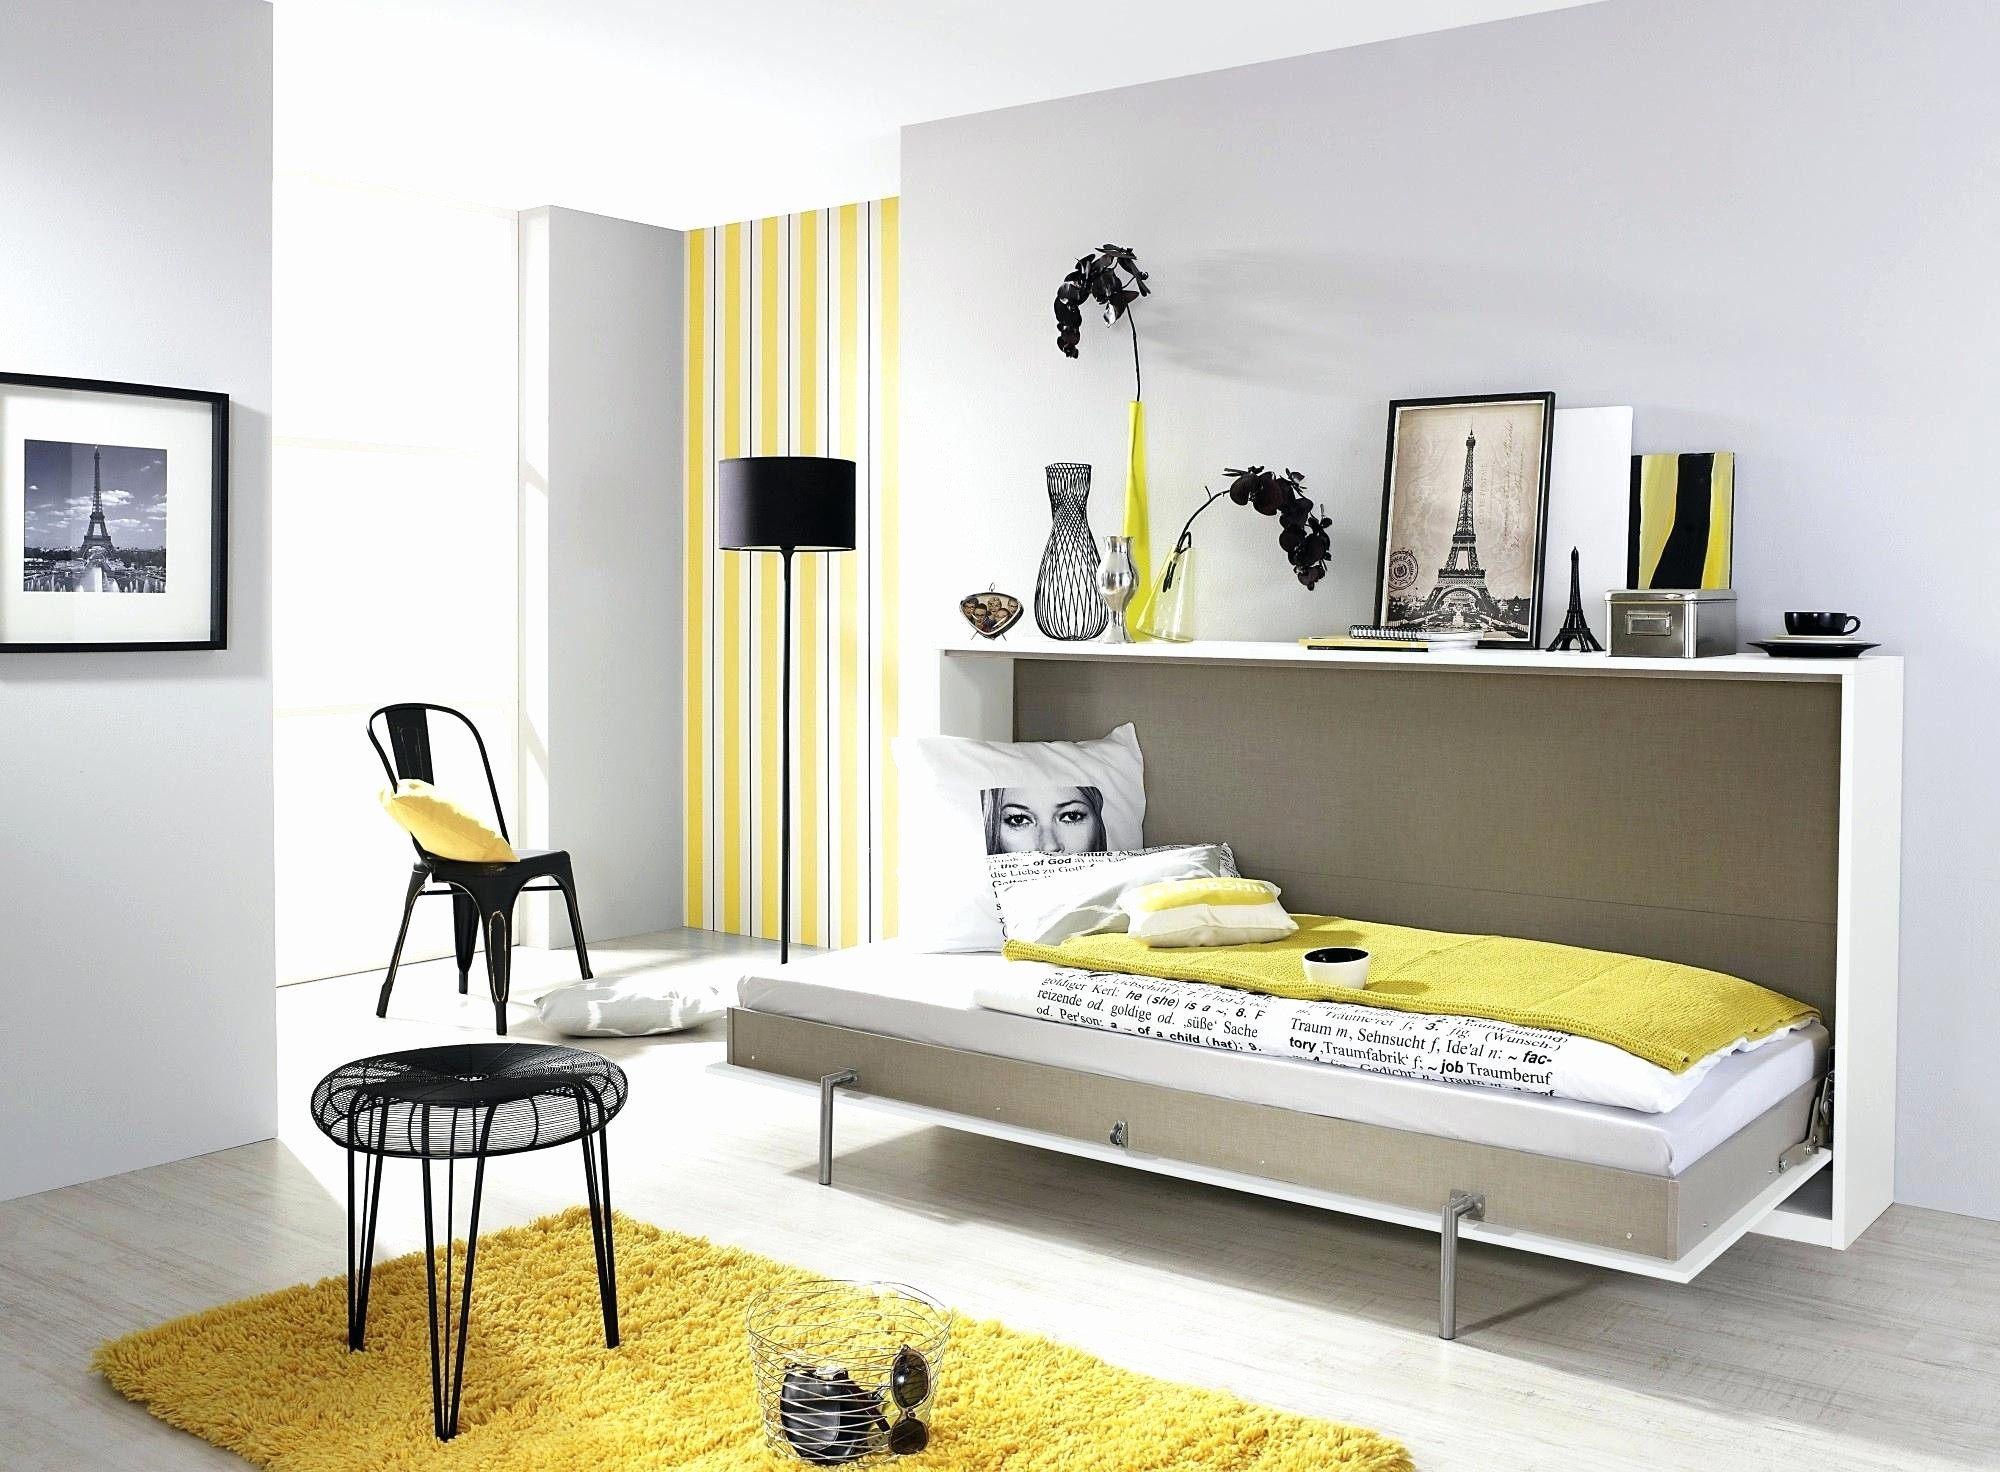 Tete De Lit Avec Coussin Nouveau Tete Lit originale Chambre Coucher Conforama Elegant Article with